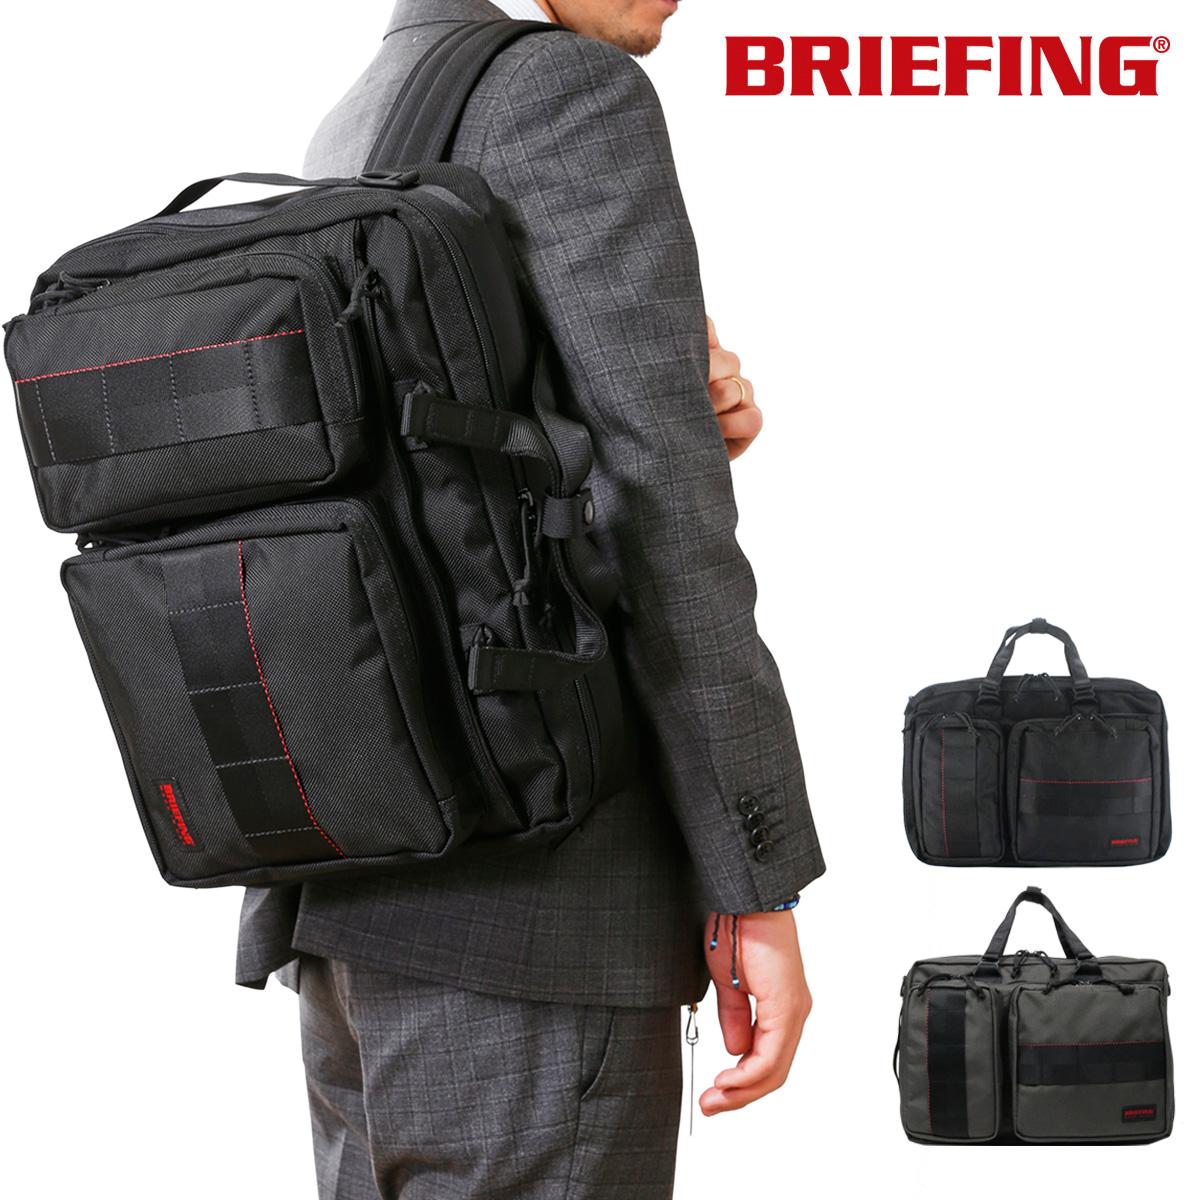 ブリーフィング ブリーフケース USA BRF399219 BRIEFING NEO TRINITY LINER 3WAY ショルダー リュック ビジネスバッグ ビジネス バリスティックナイロン メンズ[bef][PO10][即日発送]